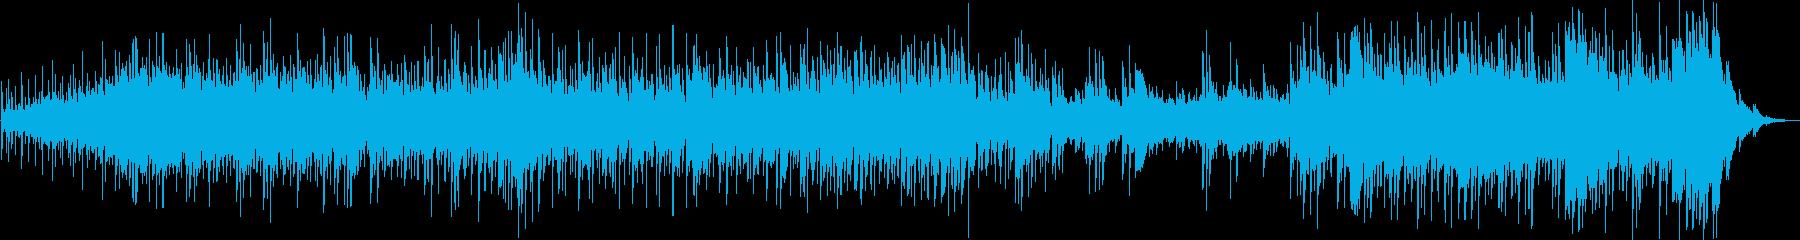 南の海を感じるファンタジック系BGMの再生済みの波形